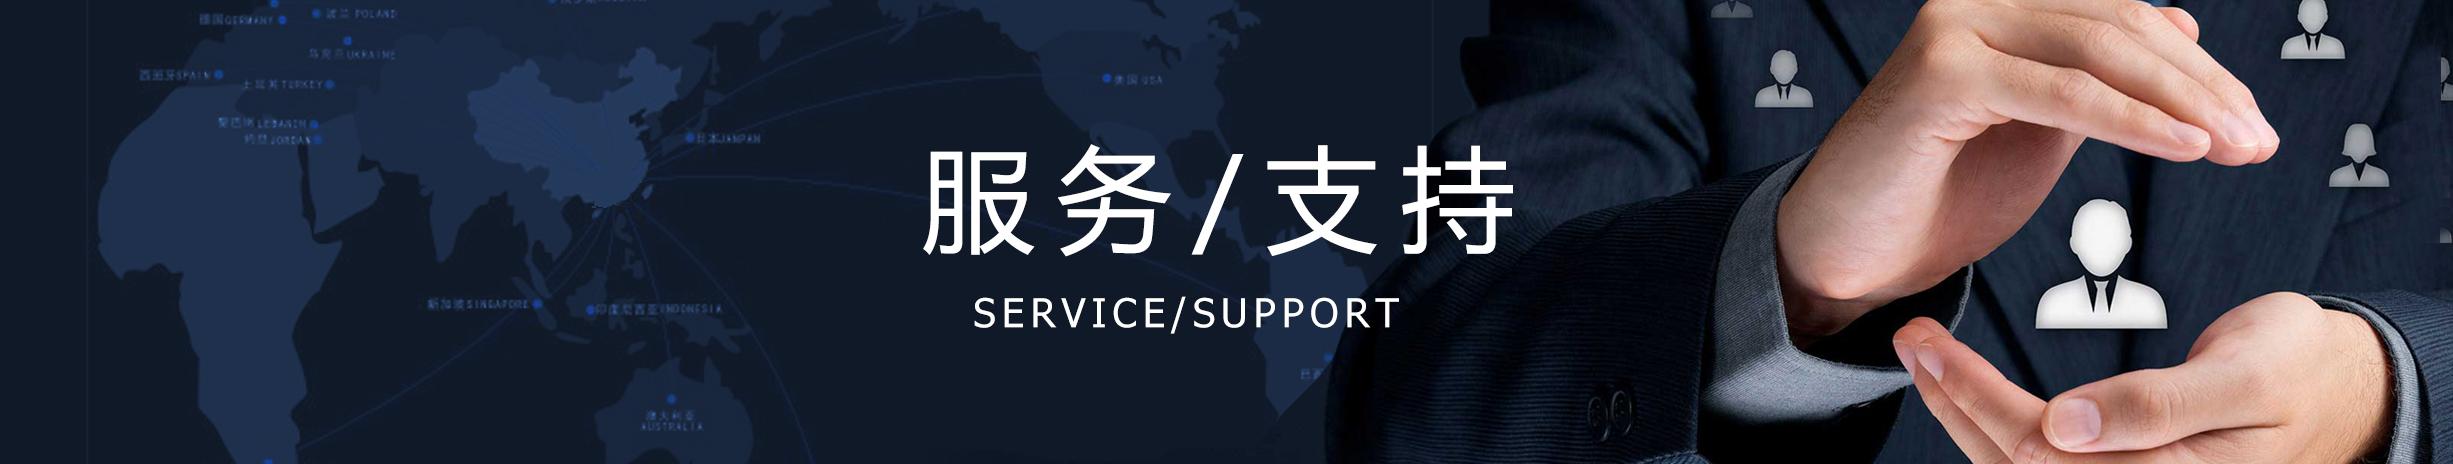 服务/支持